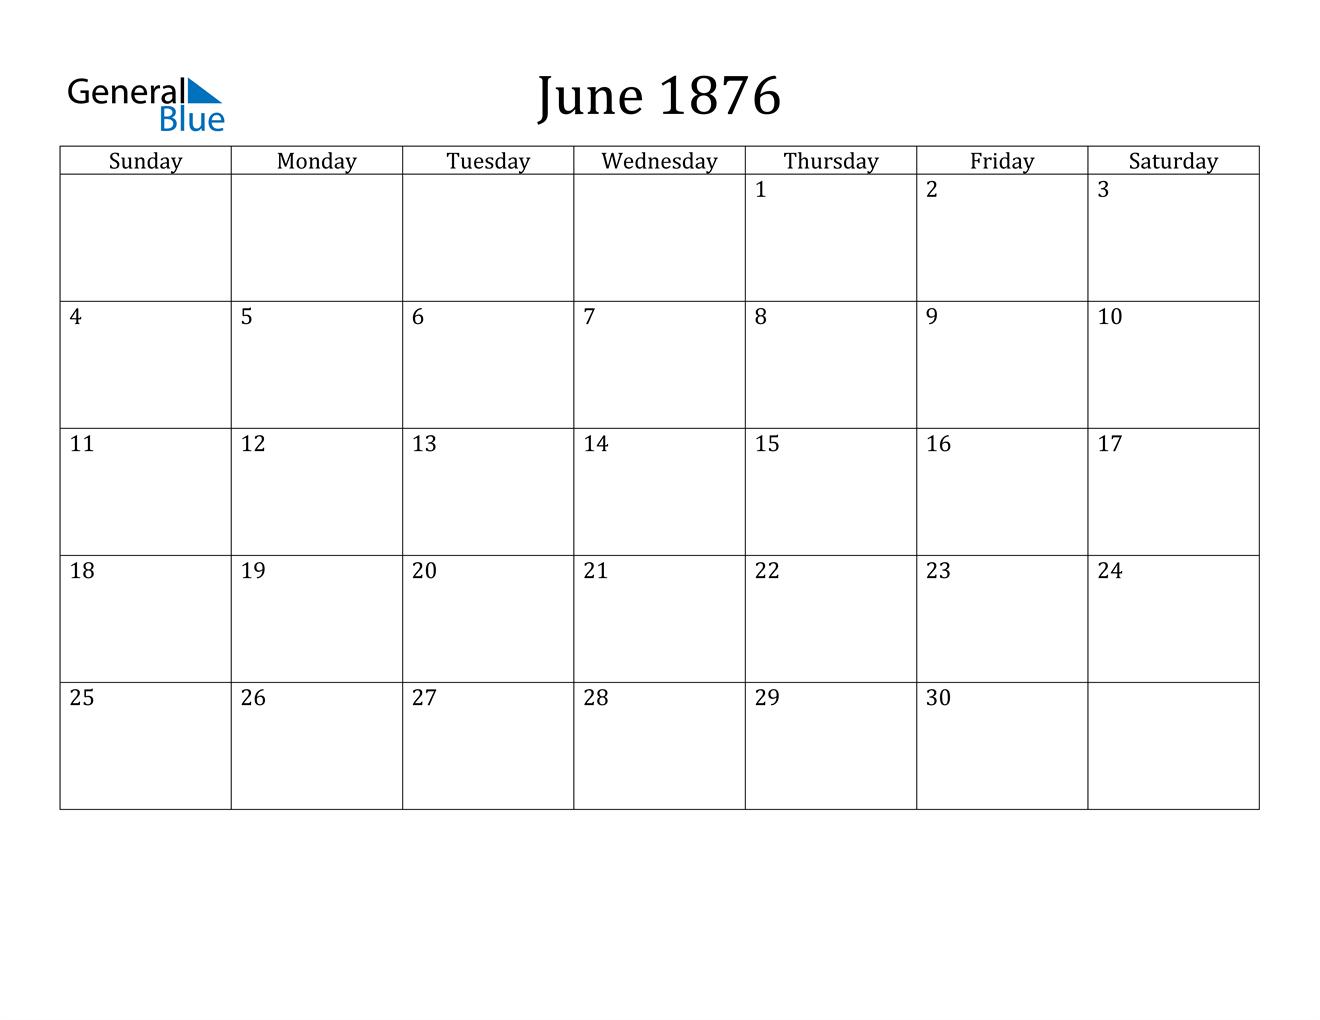 Image of June 1876 Calendar